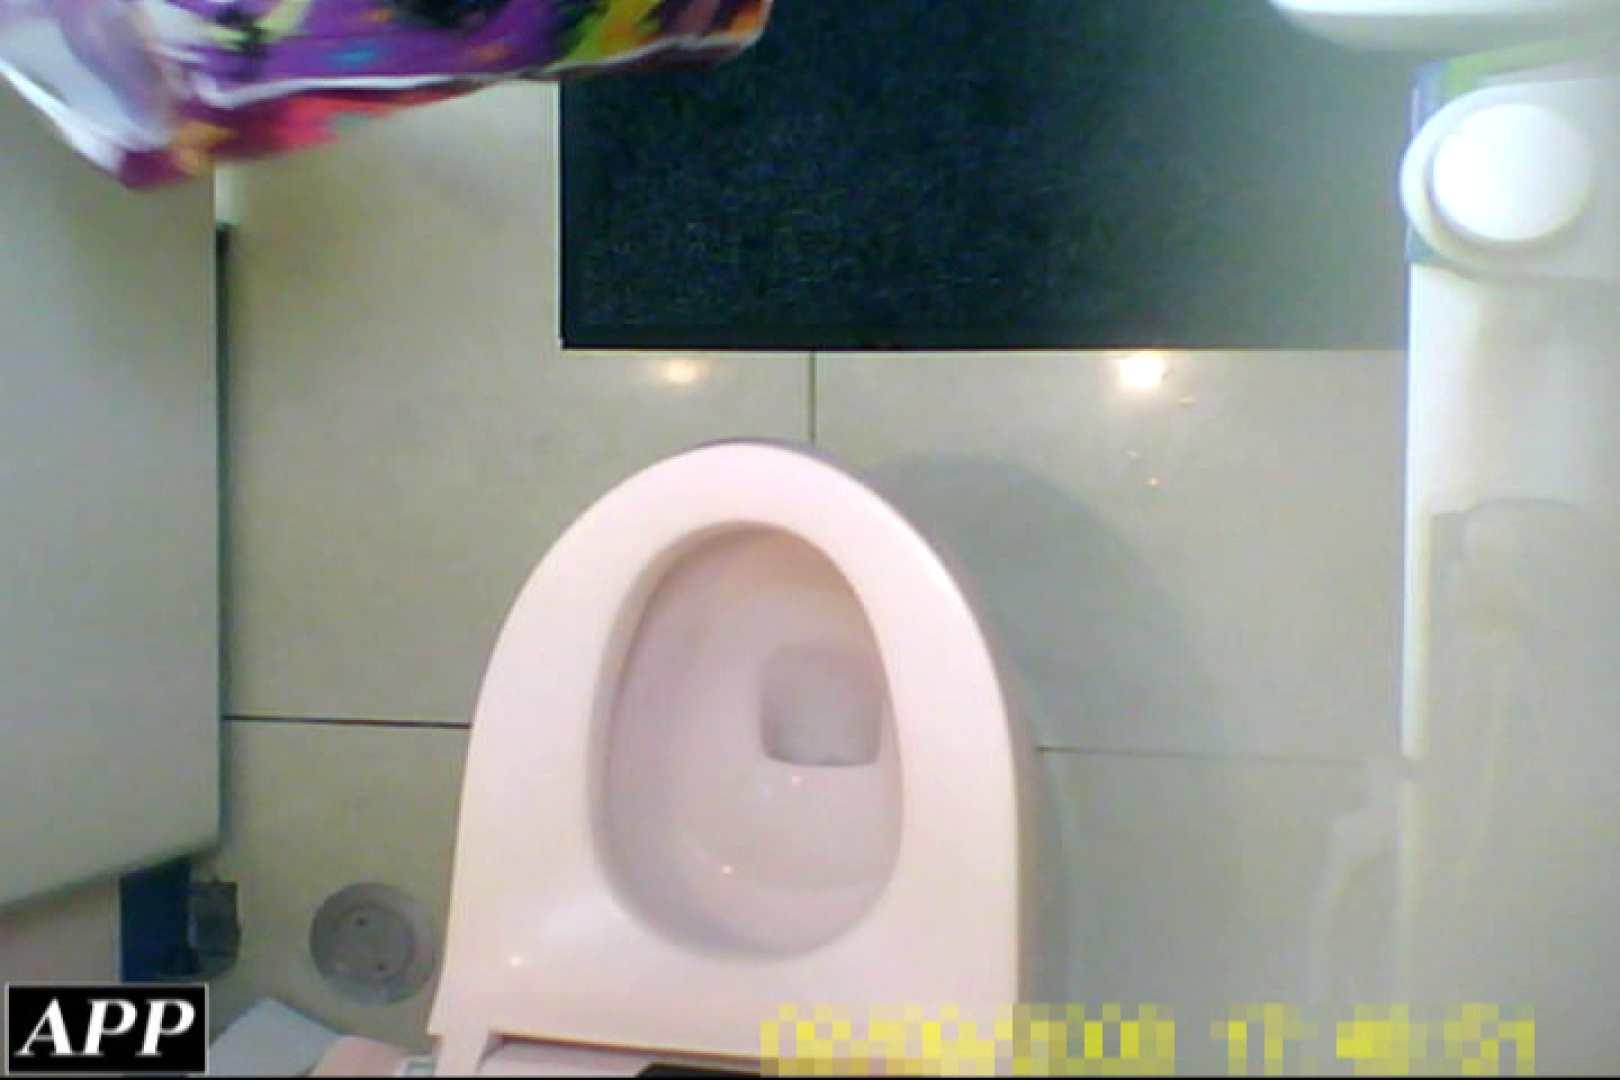 3視点洗面所 vol.07 ギャル攻め AV無料動画キャプチャ 108画像 72